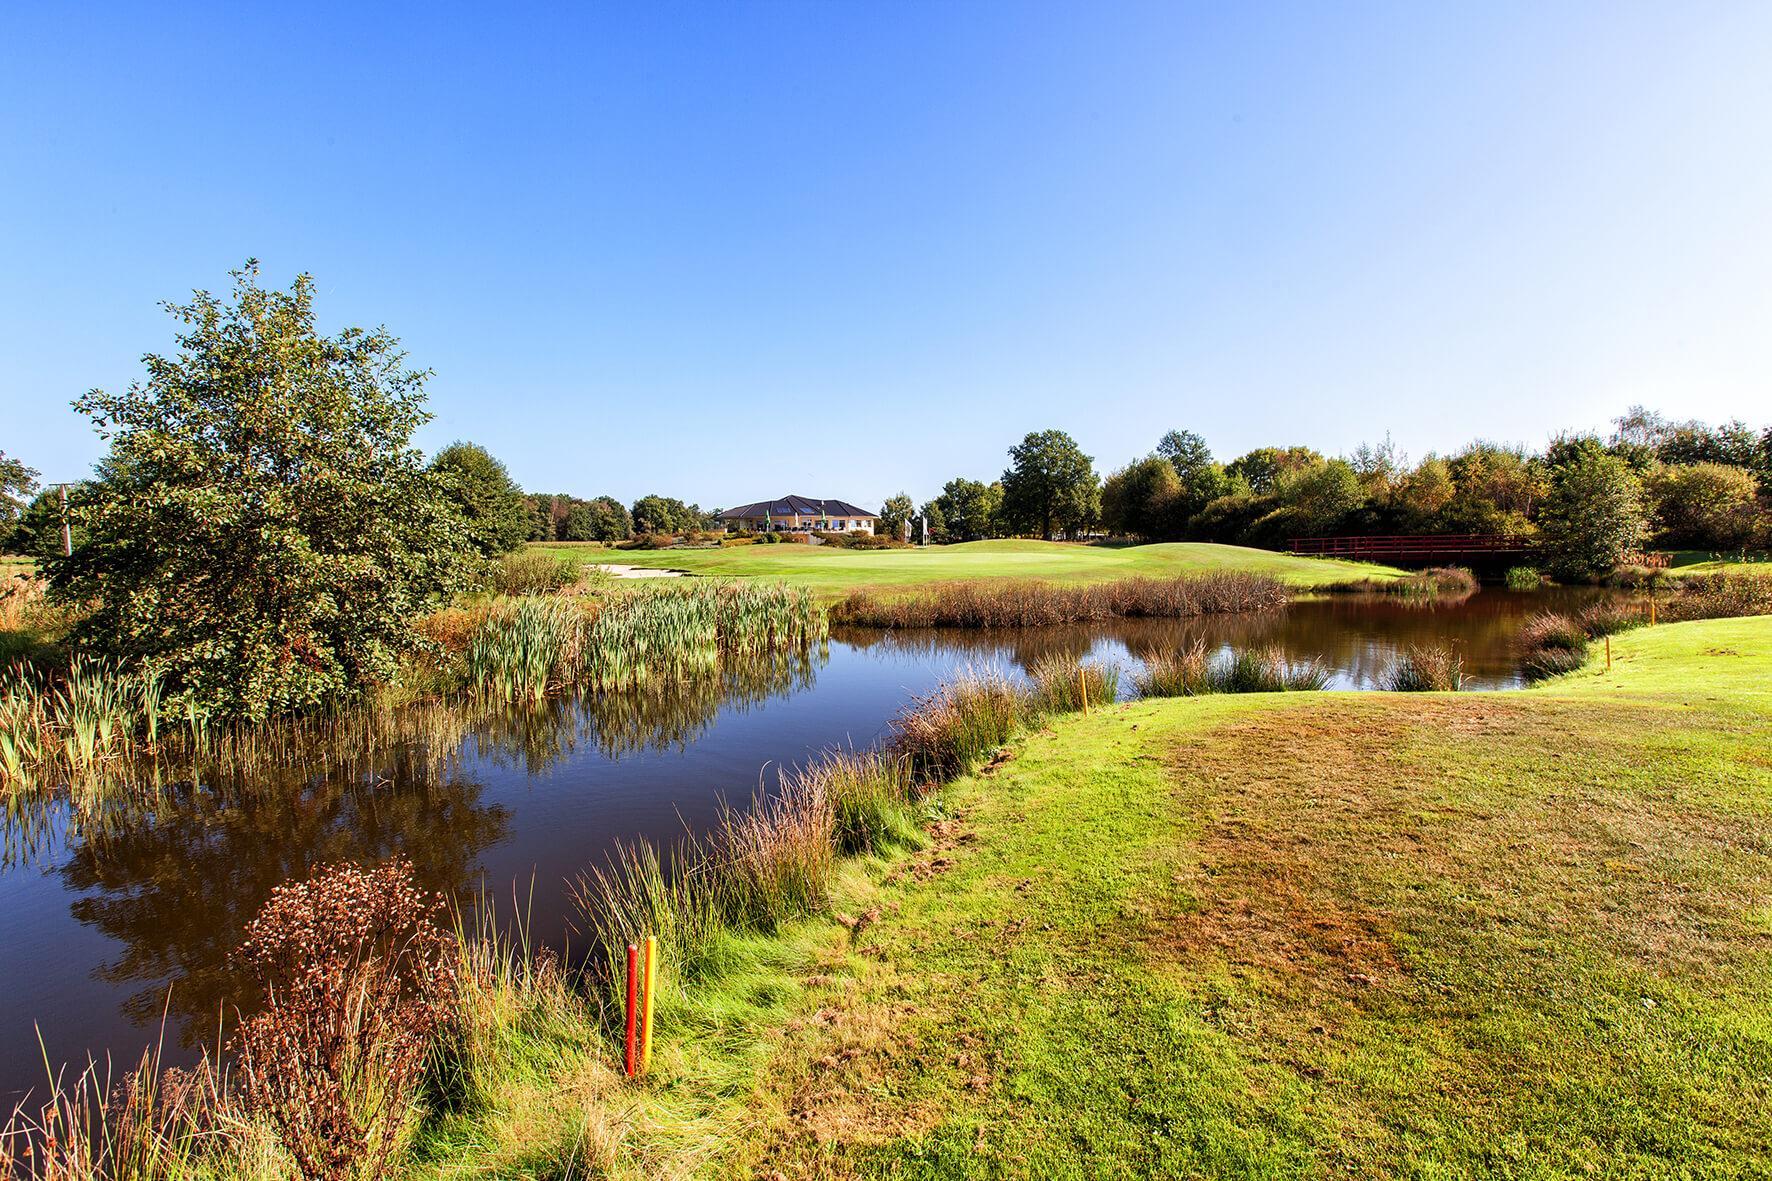 Wasser auf dem Golfplatz